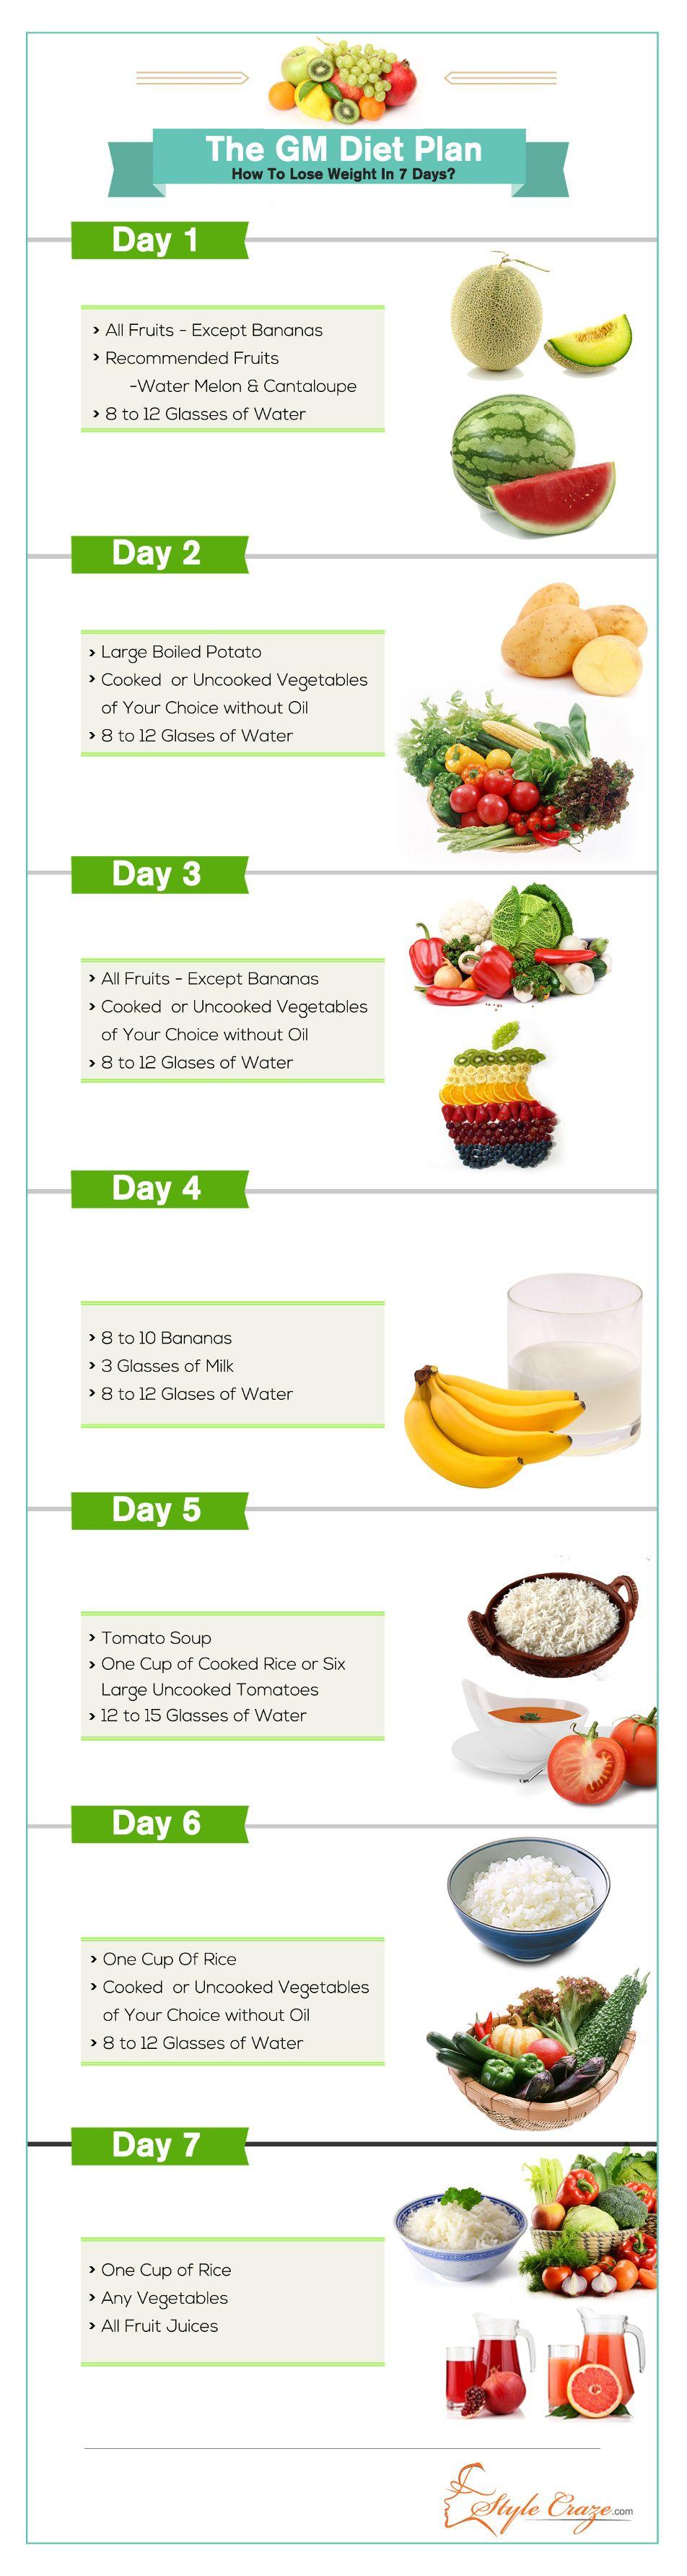 Pengalaman Diet Gm yang Berhasil